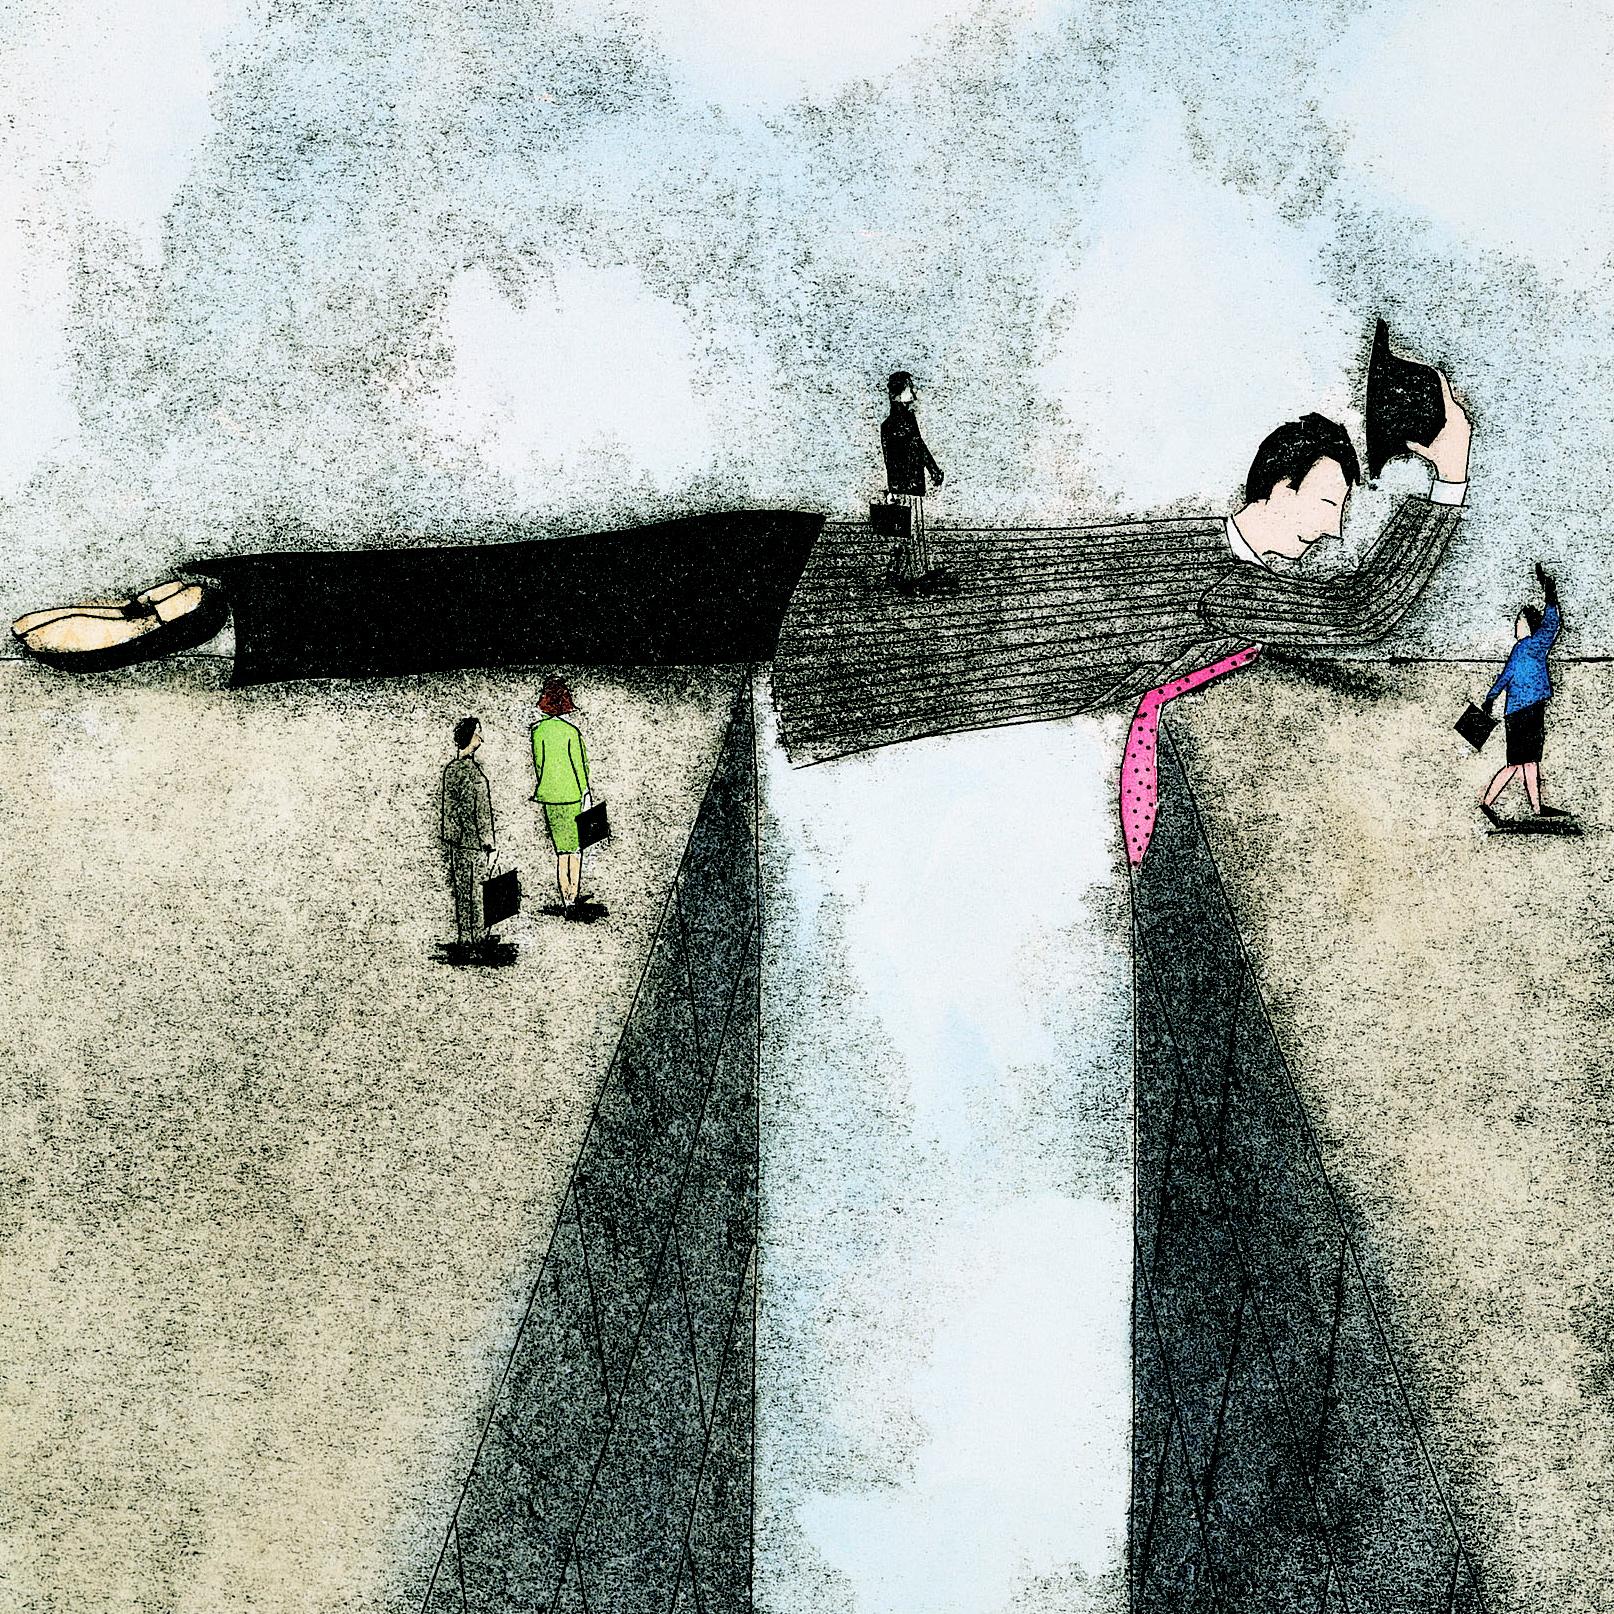 Een brug die symbolisch aangeeft dat team development nodig is om aan de andere kant te komen